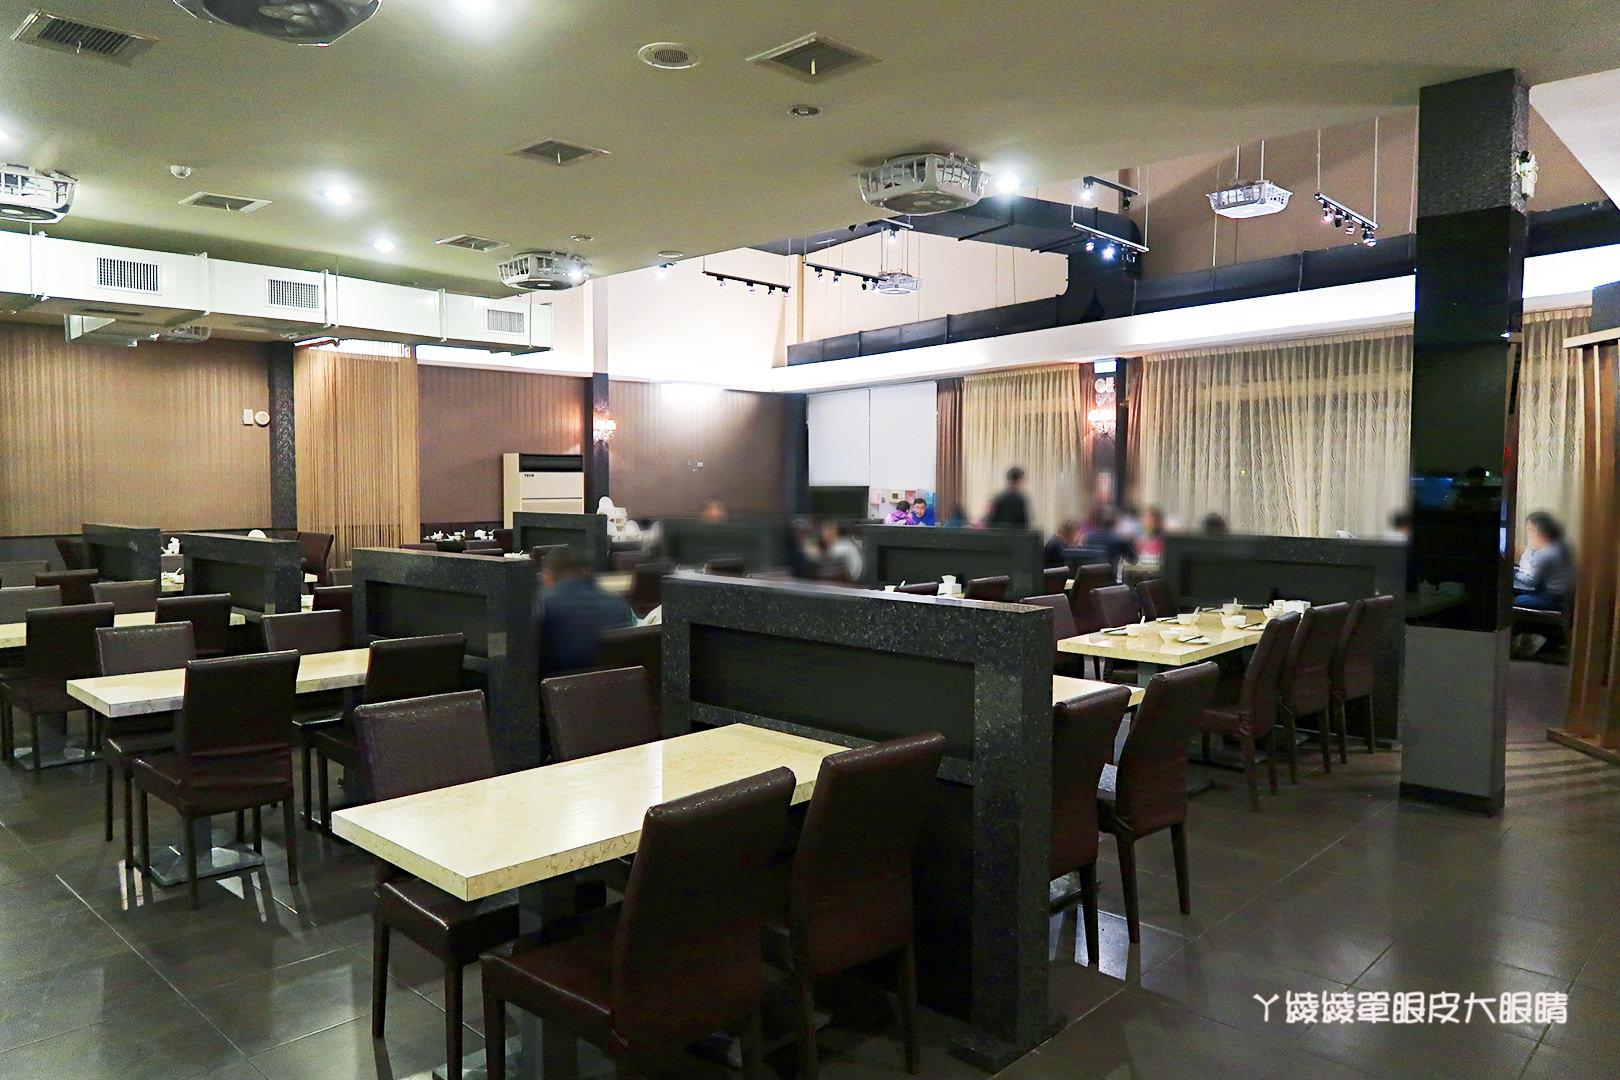 新竹港式飲茶推薦 星上星港式飲茶,附設停車位及親子遊戲區(已歇業)